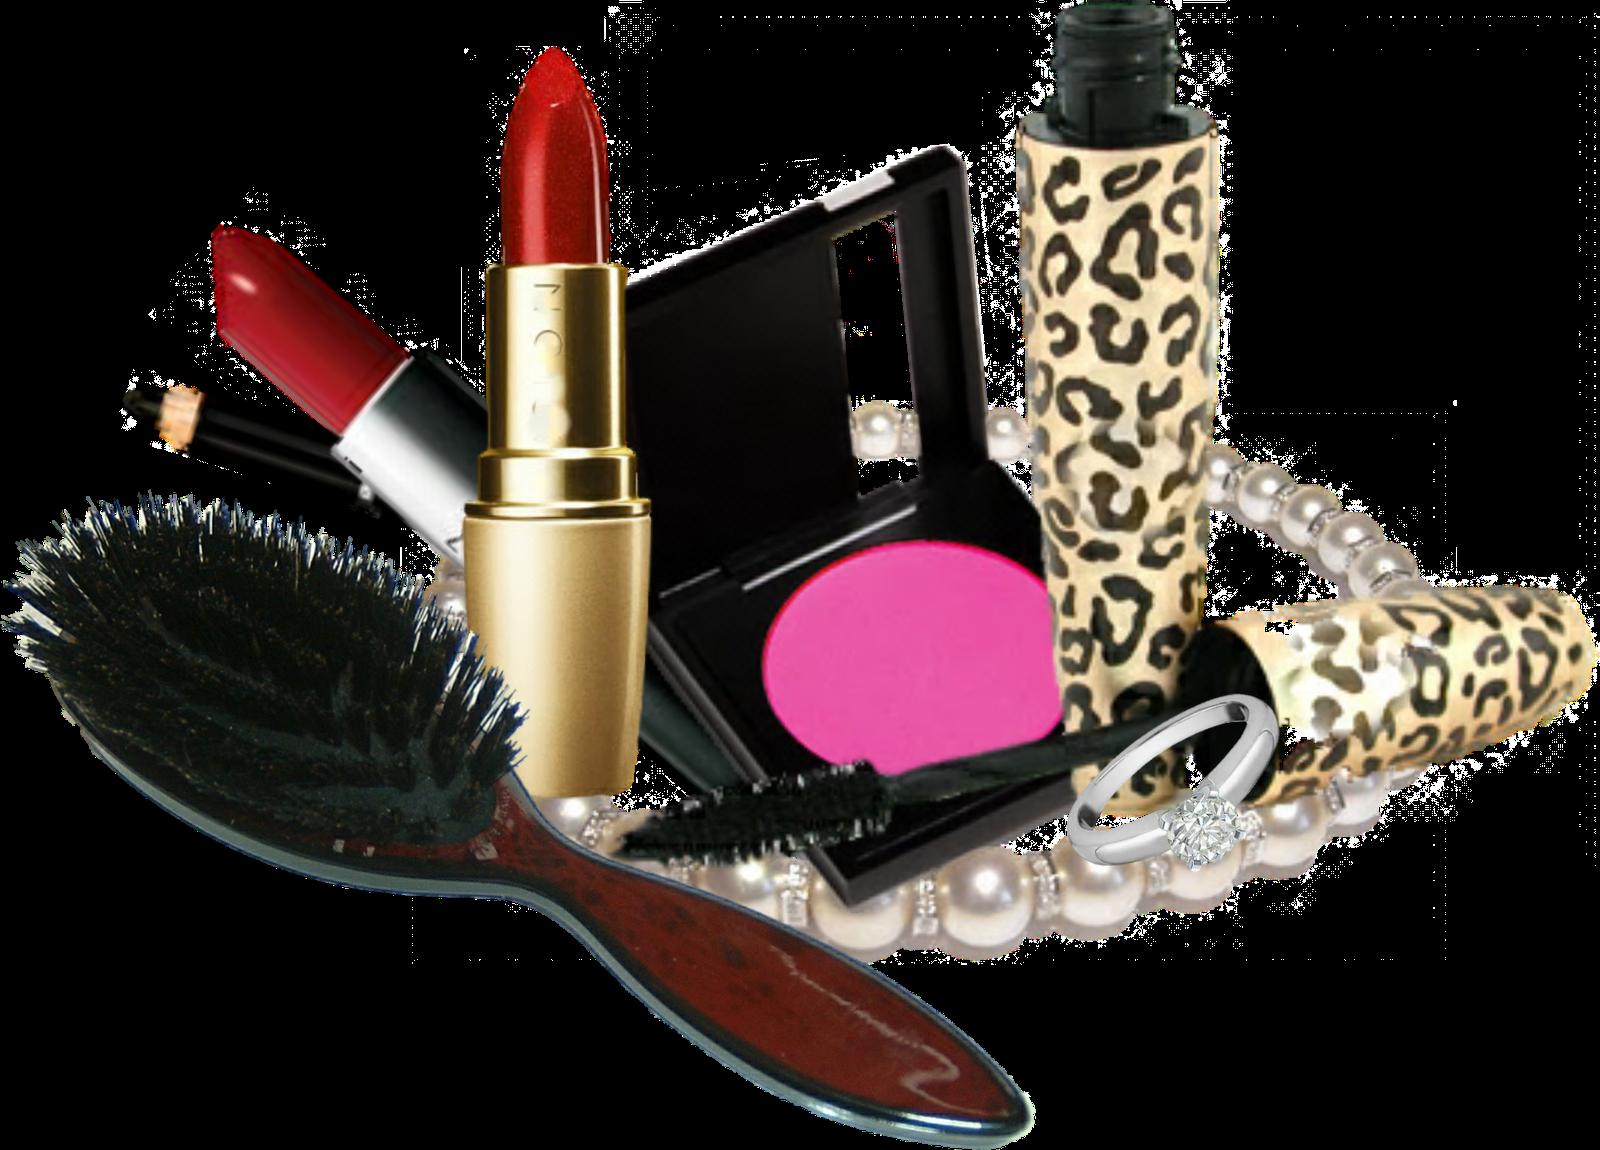 Makeup Kit Products Free Download PNG-Makeup Kit Products Free Download PNG-11